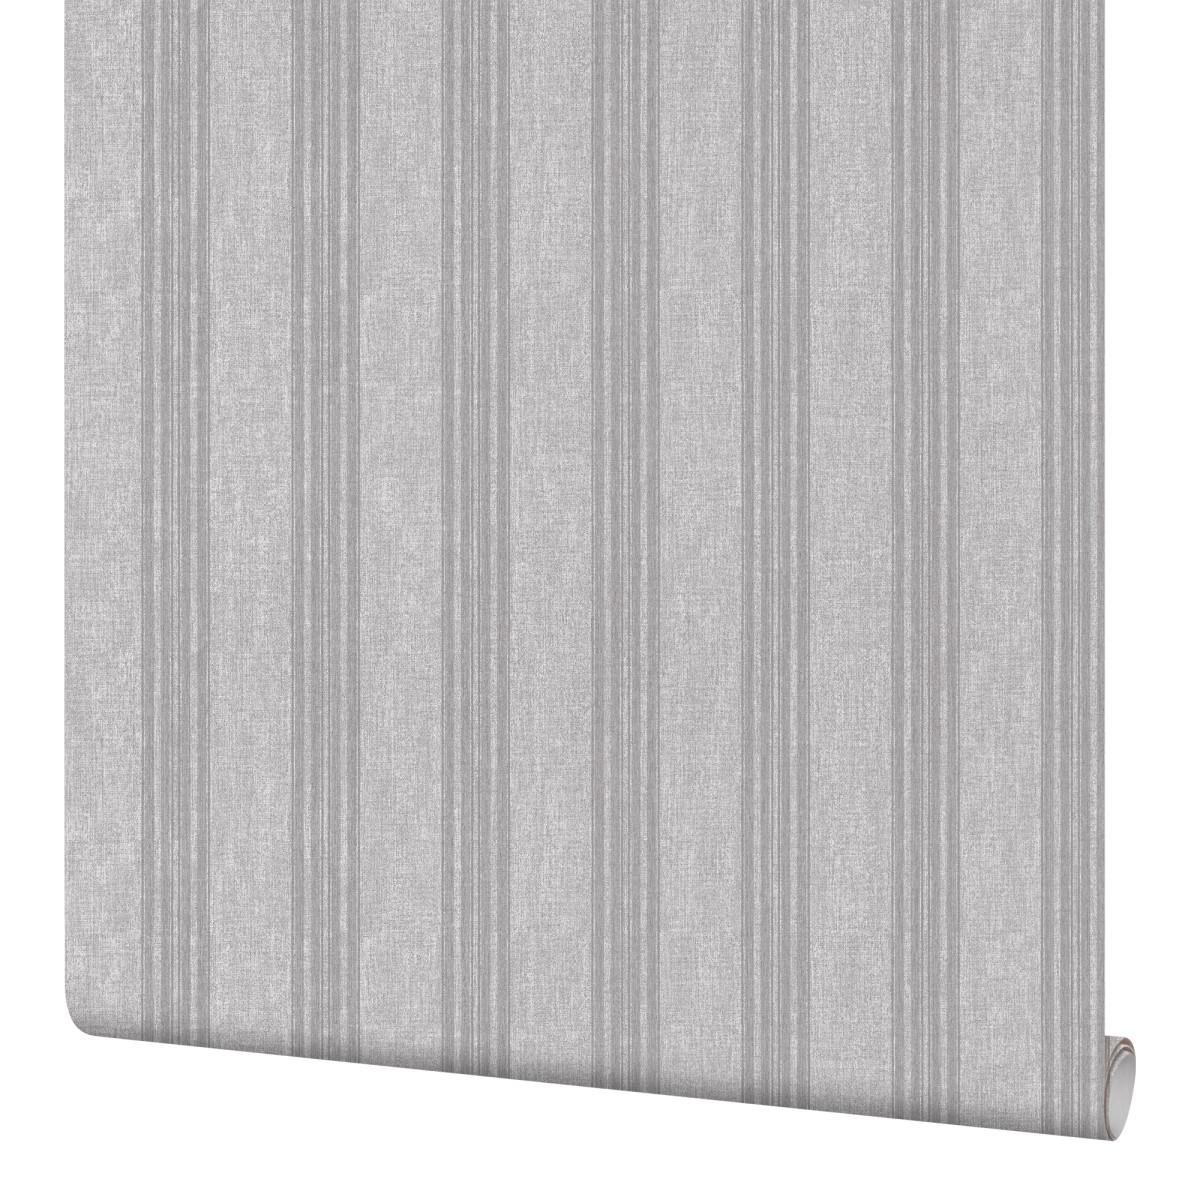 Обои флизелиновые Мир UC Strips серые 1.06 м 45-262-01